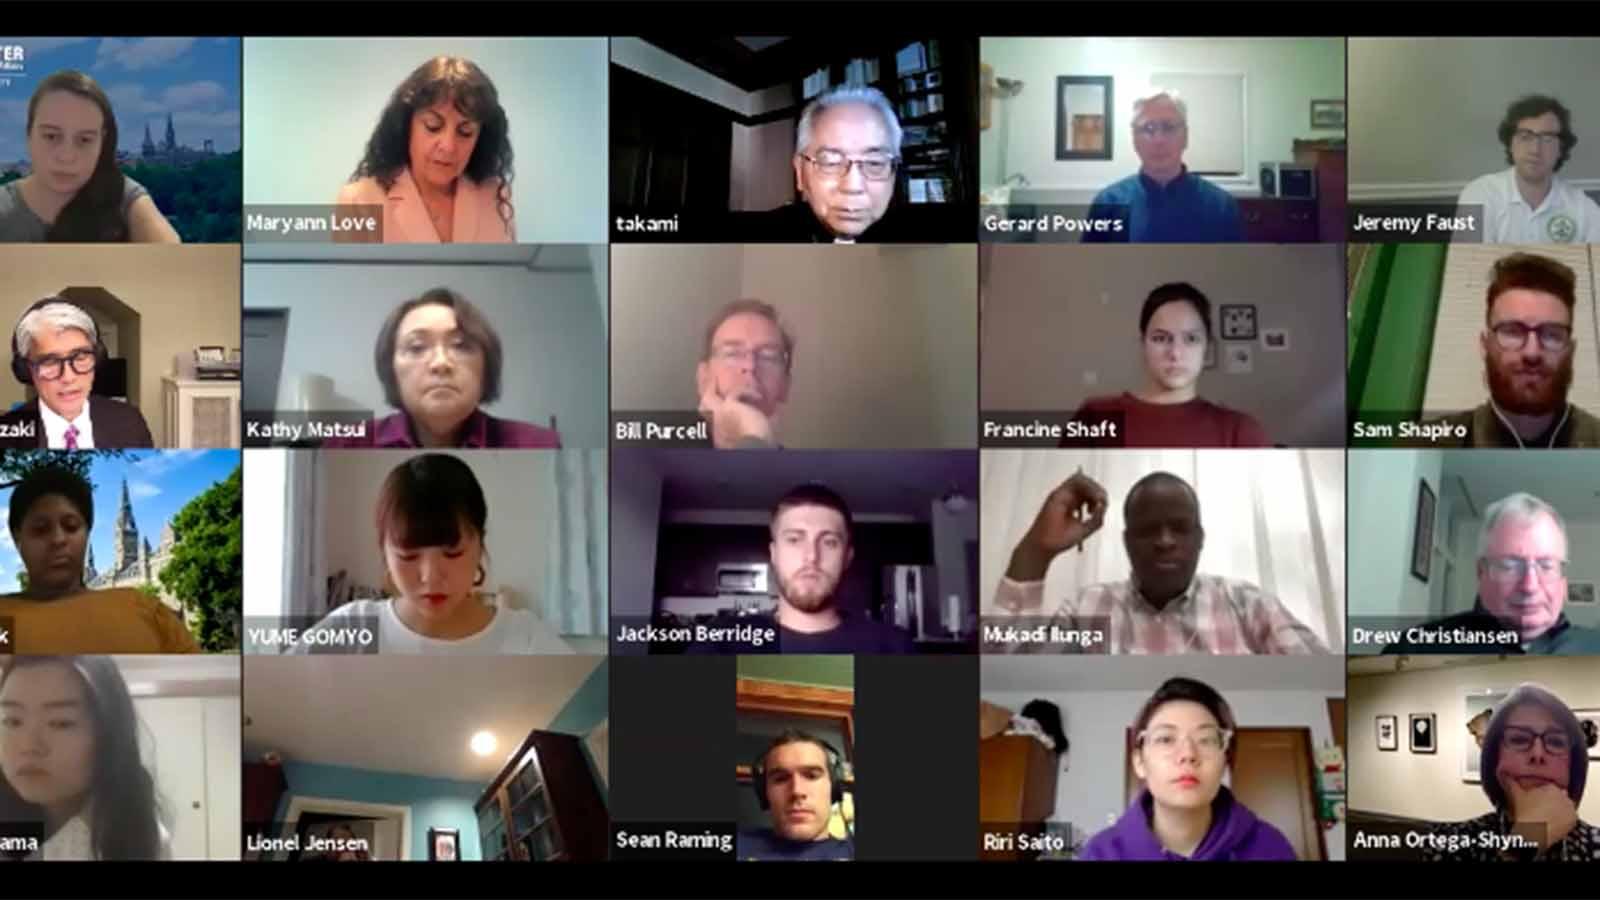 Screenshot of event participants.